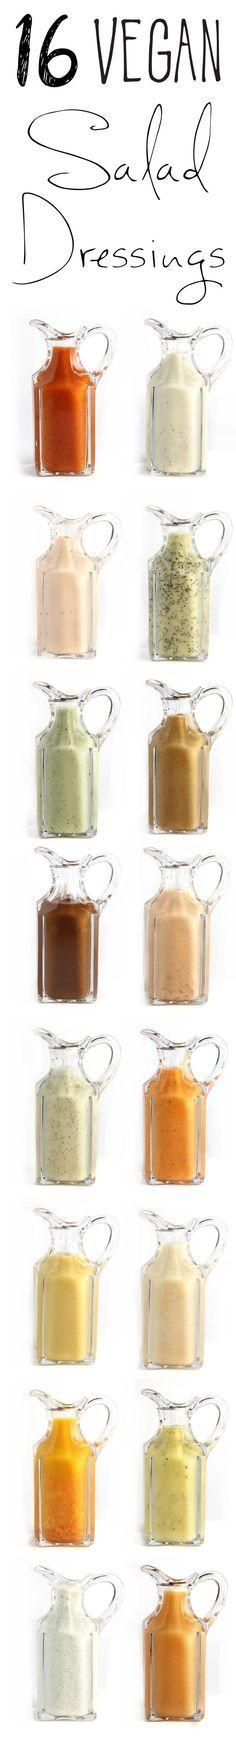 16 vegane Salat-Dressings